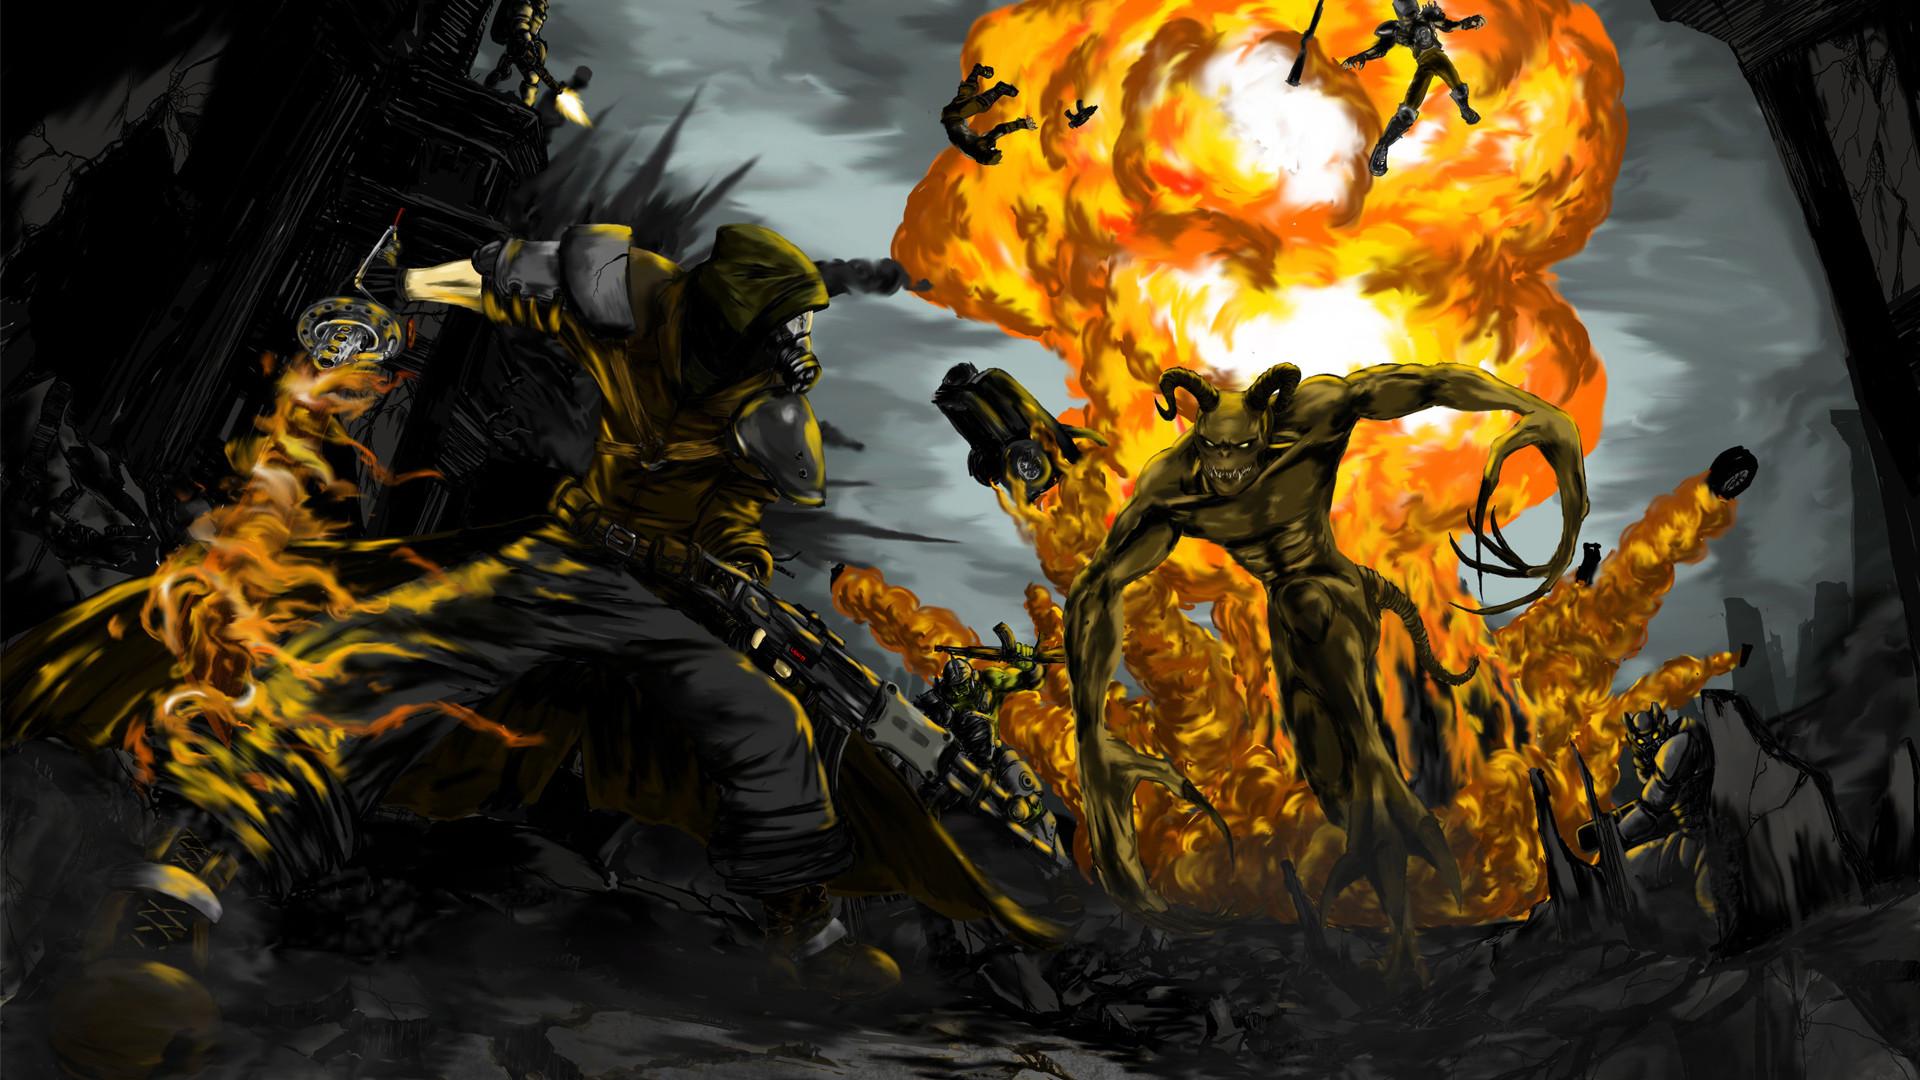 Res: 1920x1080, Fallout Wallpaper Dump